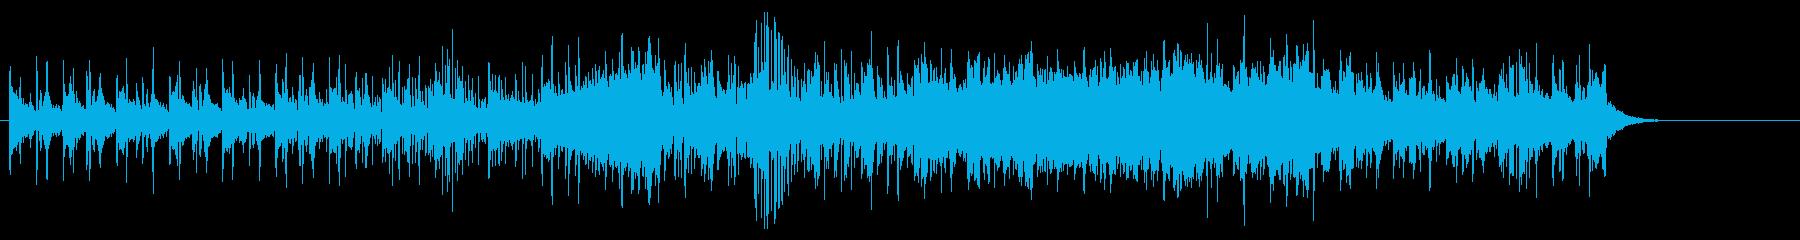 マイナー・アンビ系テクノ風ポップスの再生済みの波形